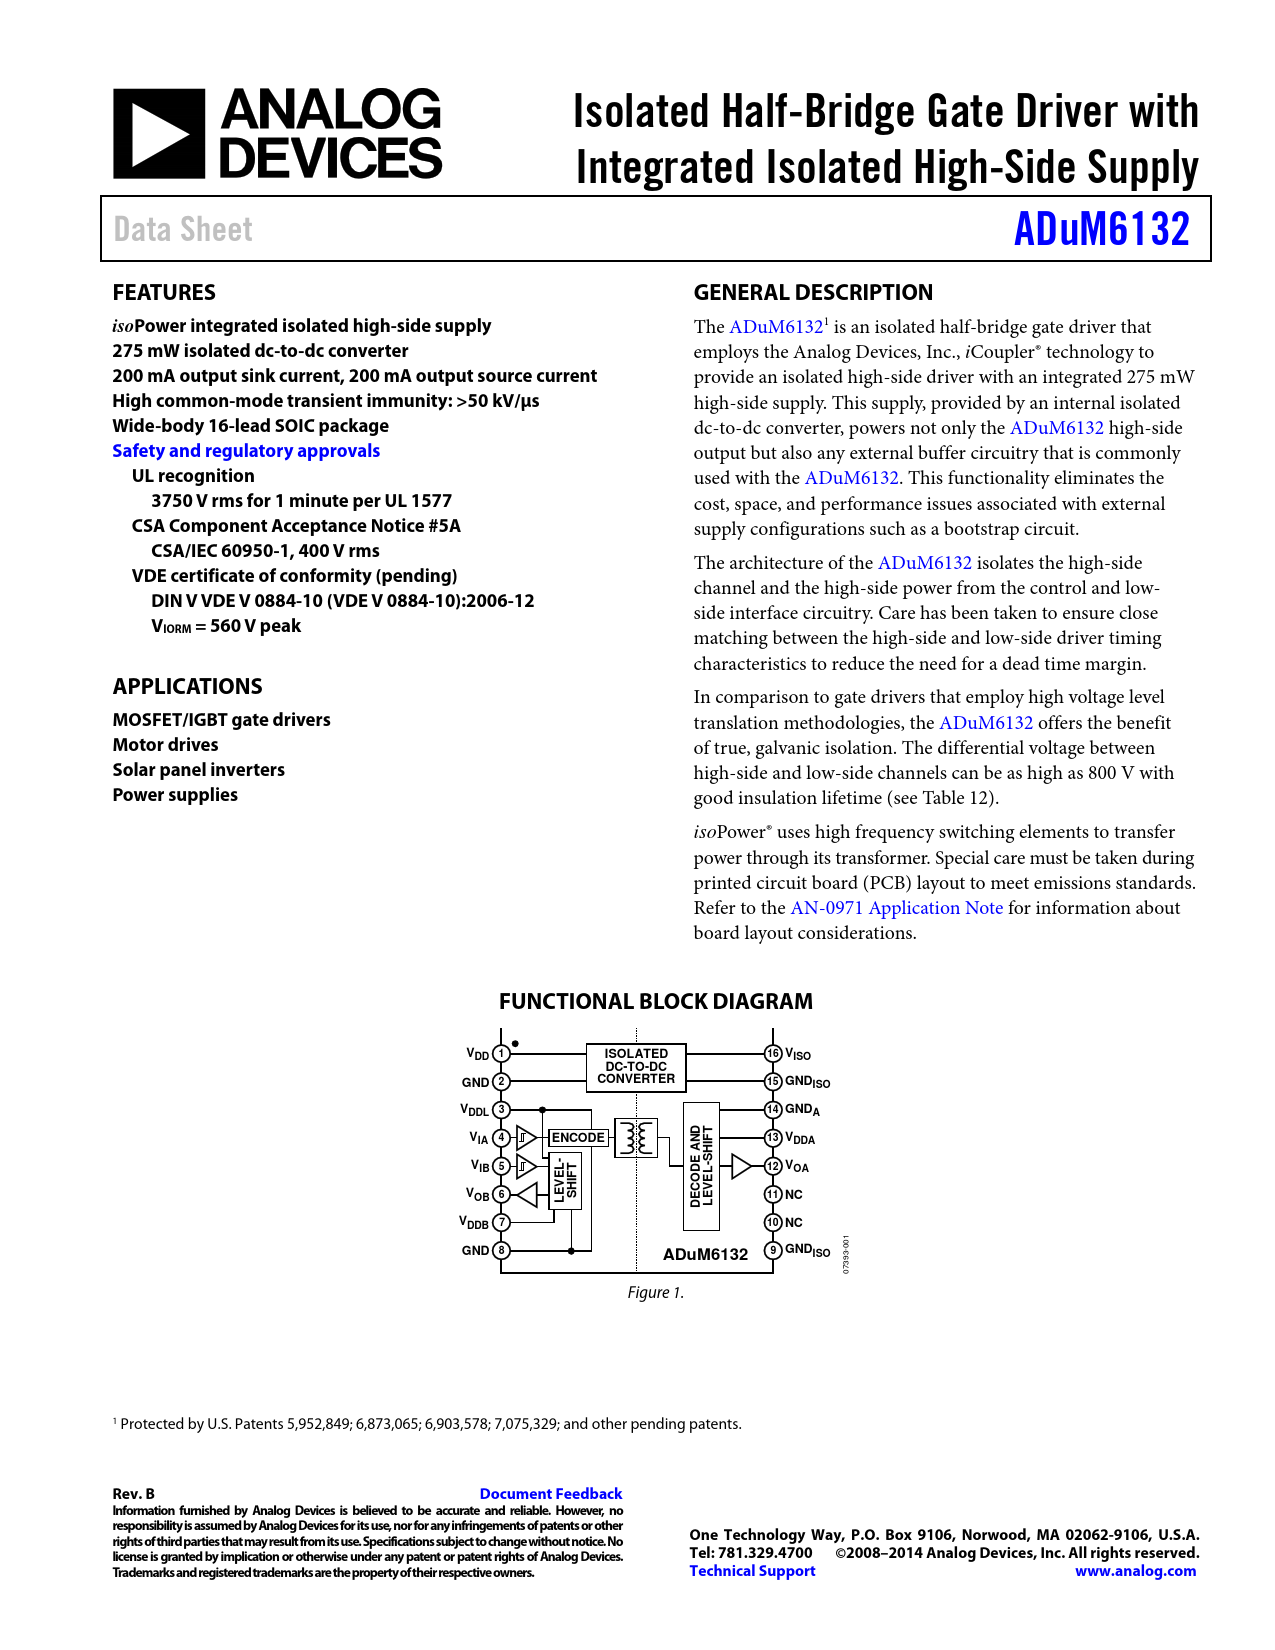 Datasheet ADUM6132 Analog Devices, Revision: B